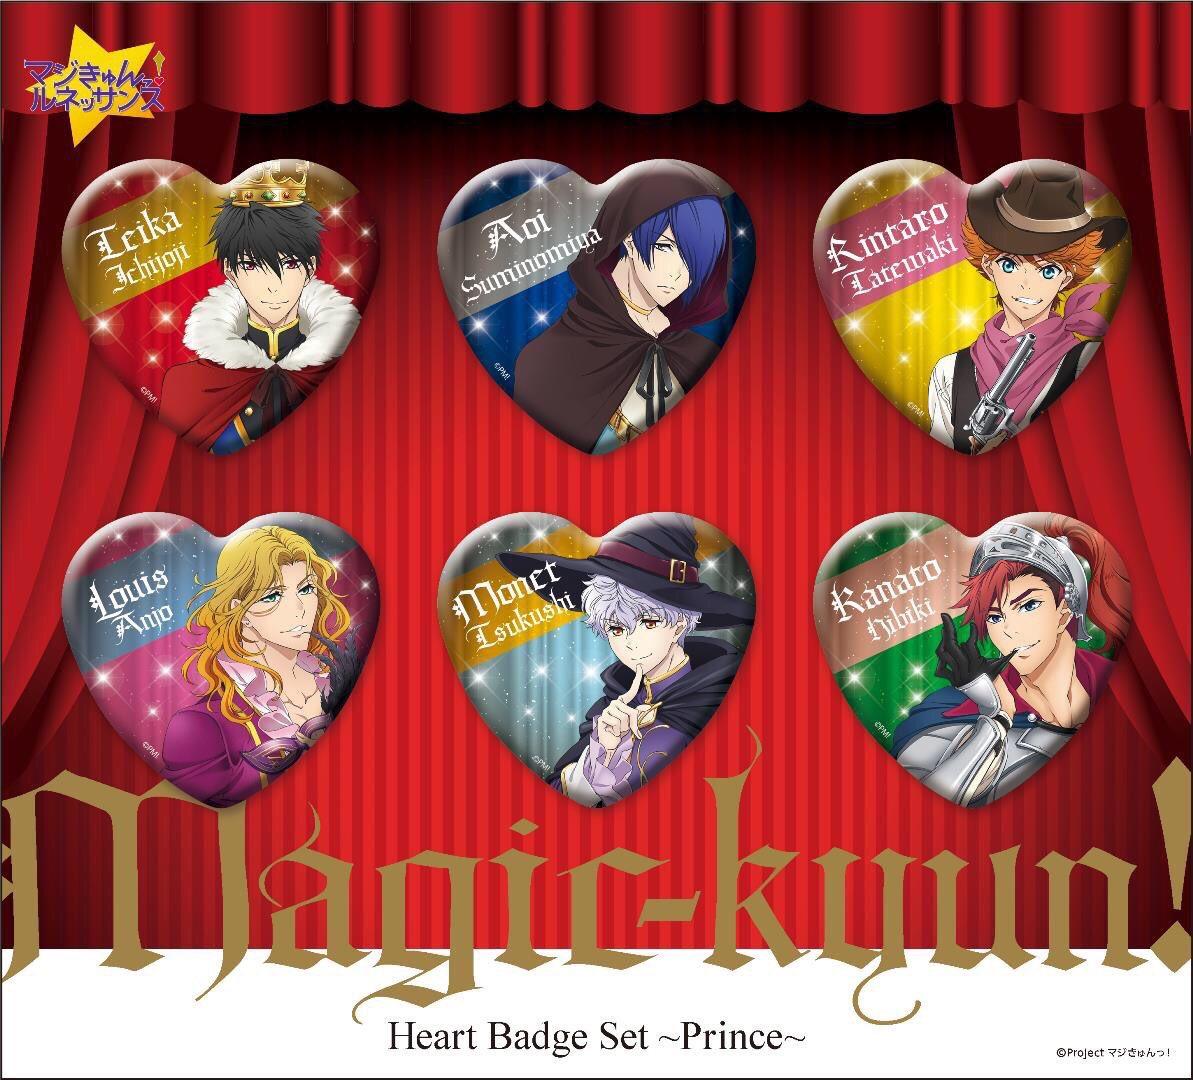 本日より開催されるAnime Japanにてグッズ販売、ステージイベント開催が!商品:ハート型缶バッジ~Prince~